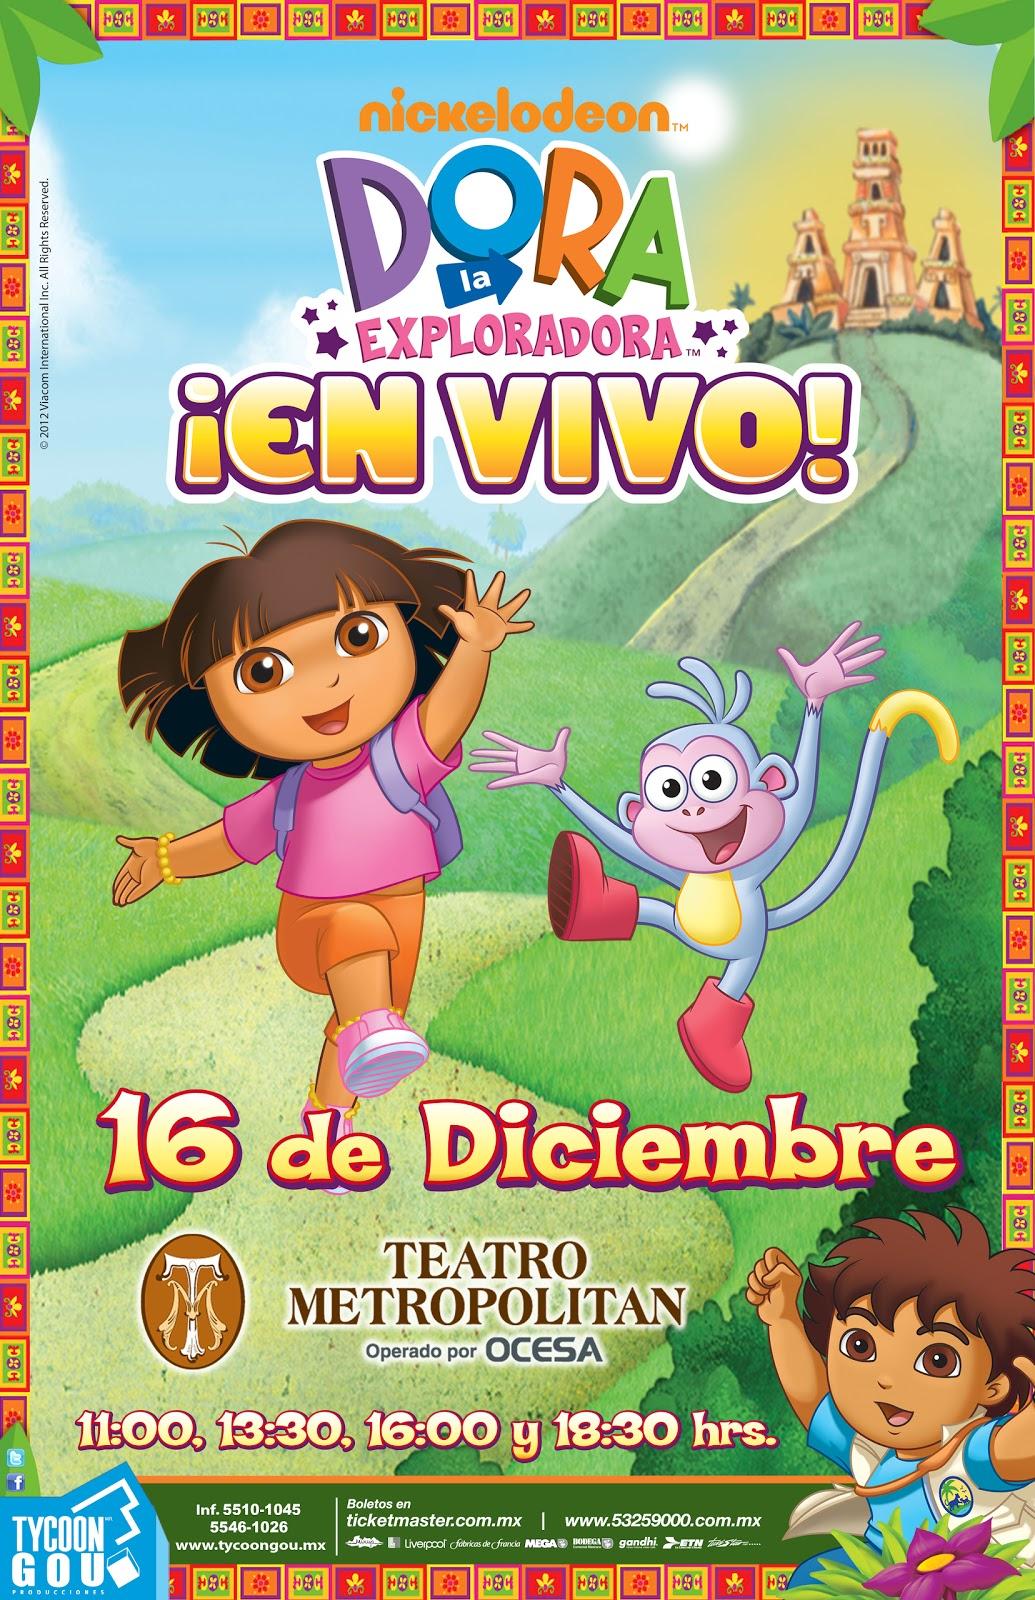 asqueroso latín espectáculo de juguete